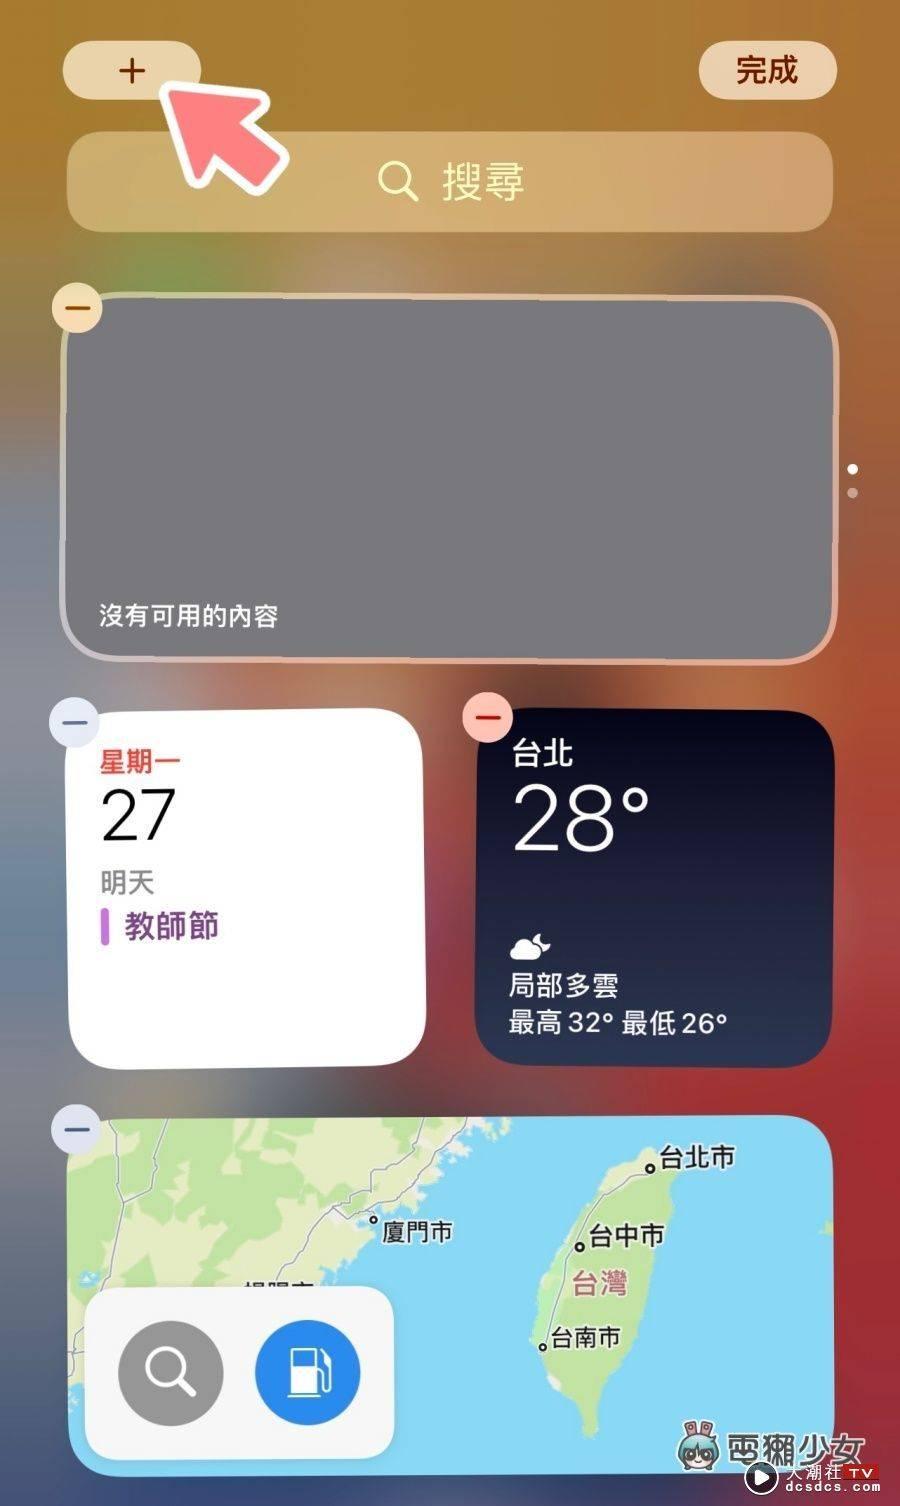 教学 iPhone 更新到 iOS 15 后扫描' 简讯实联制 '会跳回相机画面?两招教你轻松搞定!